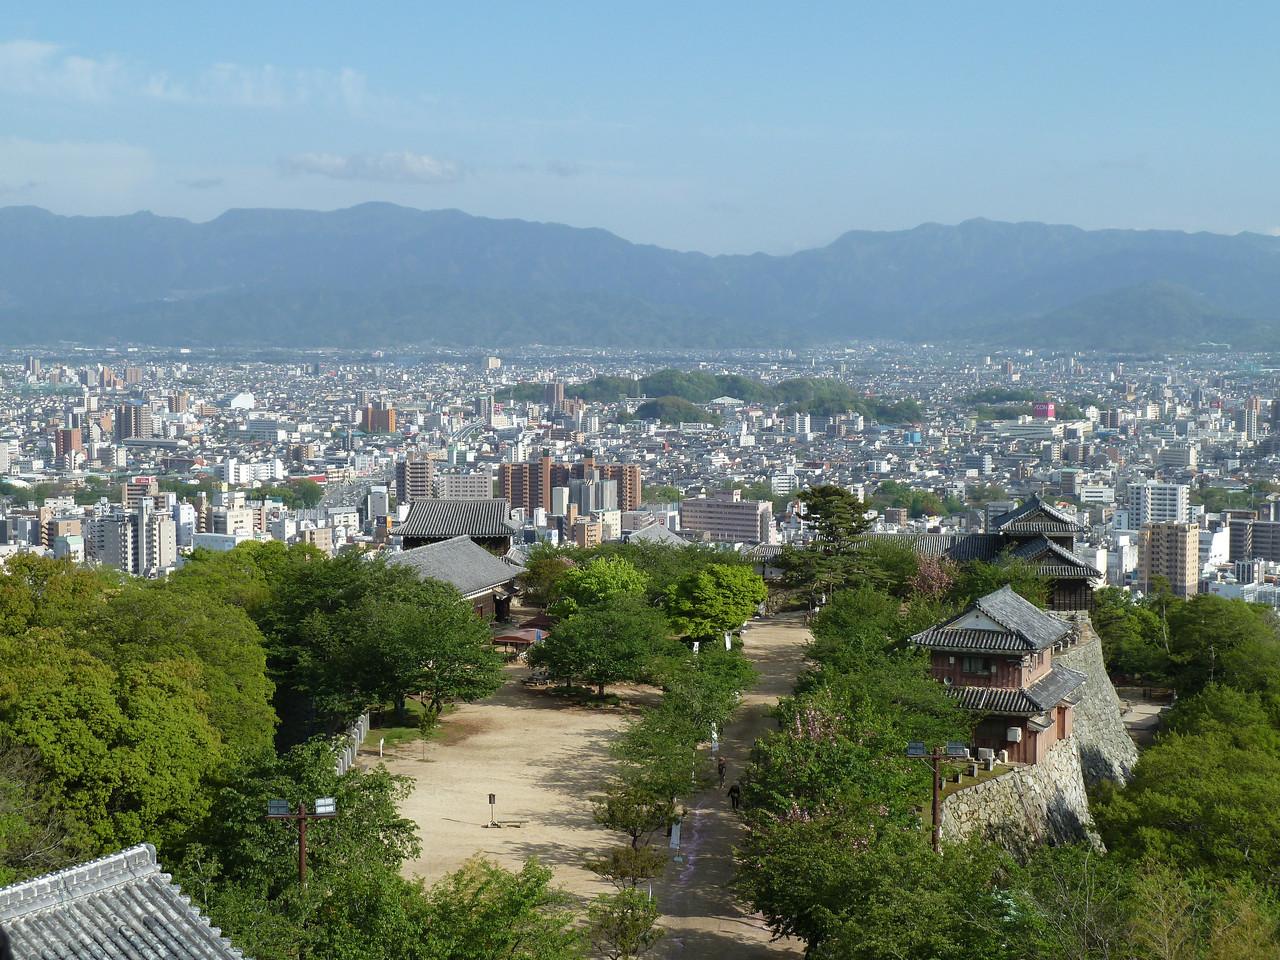 松山市 Matsuyama